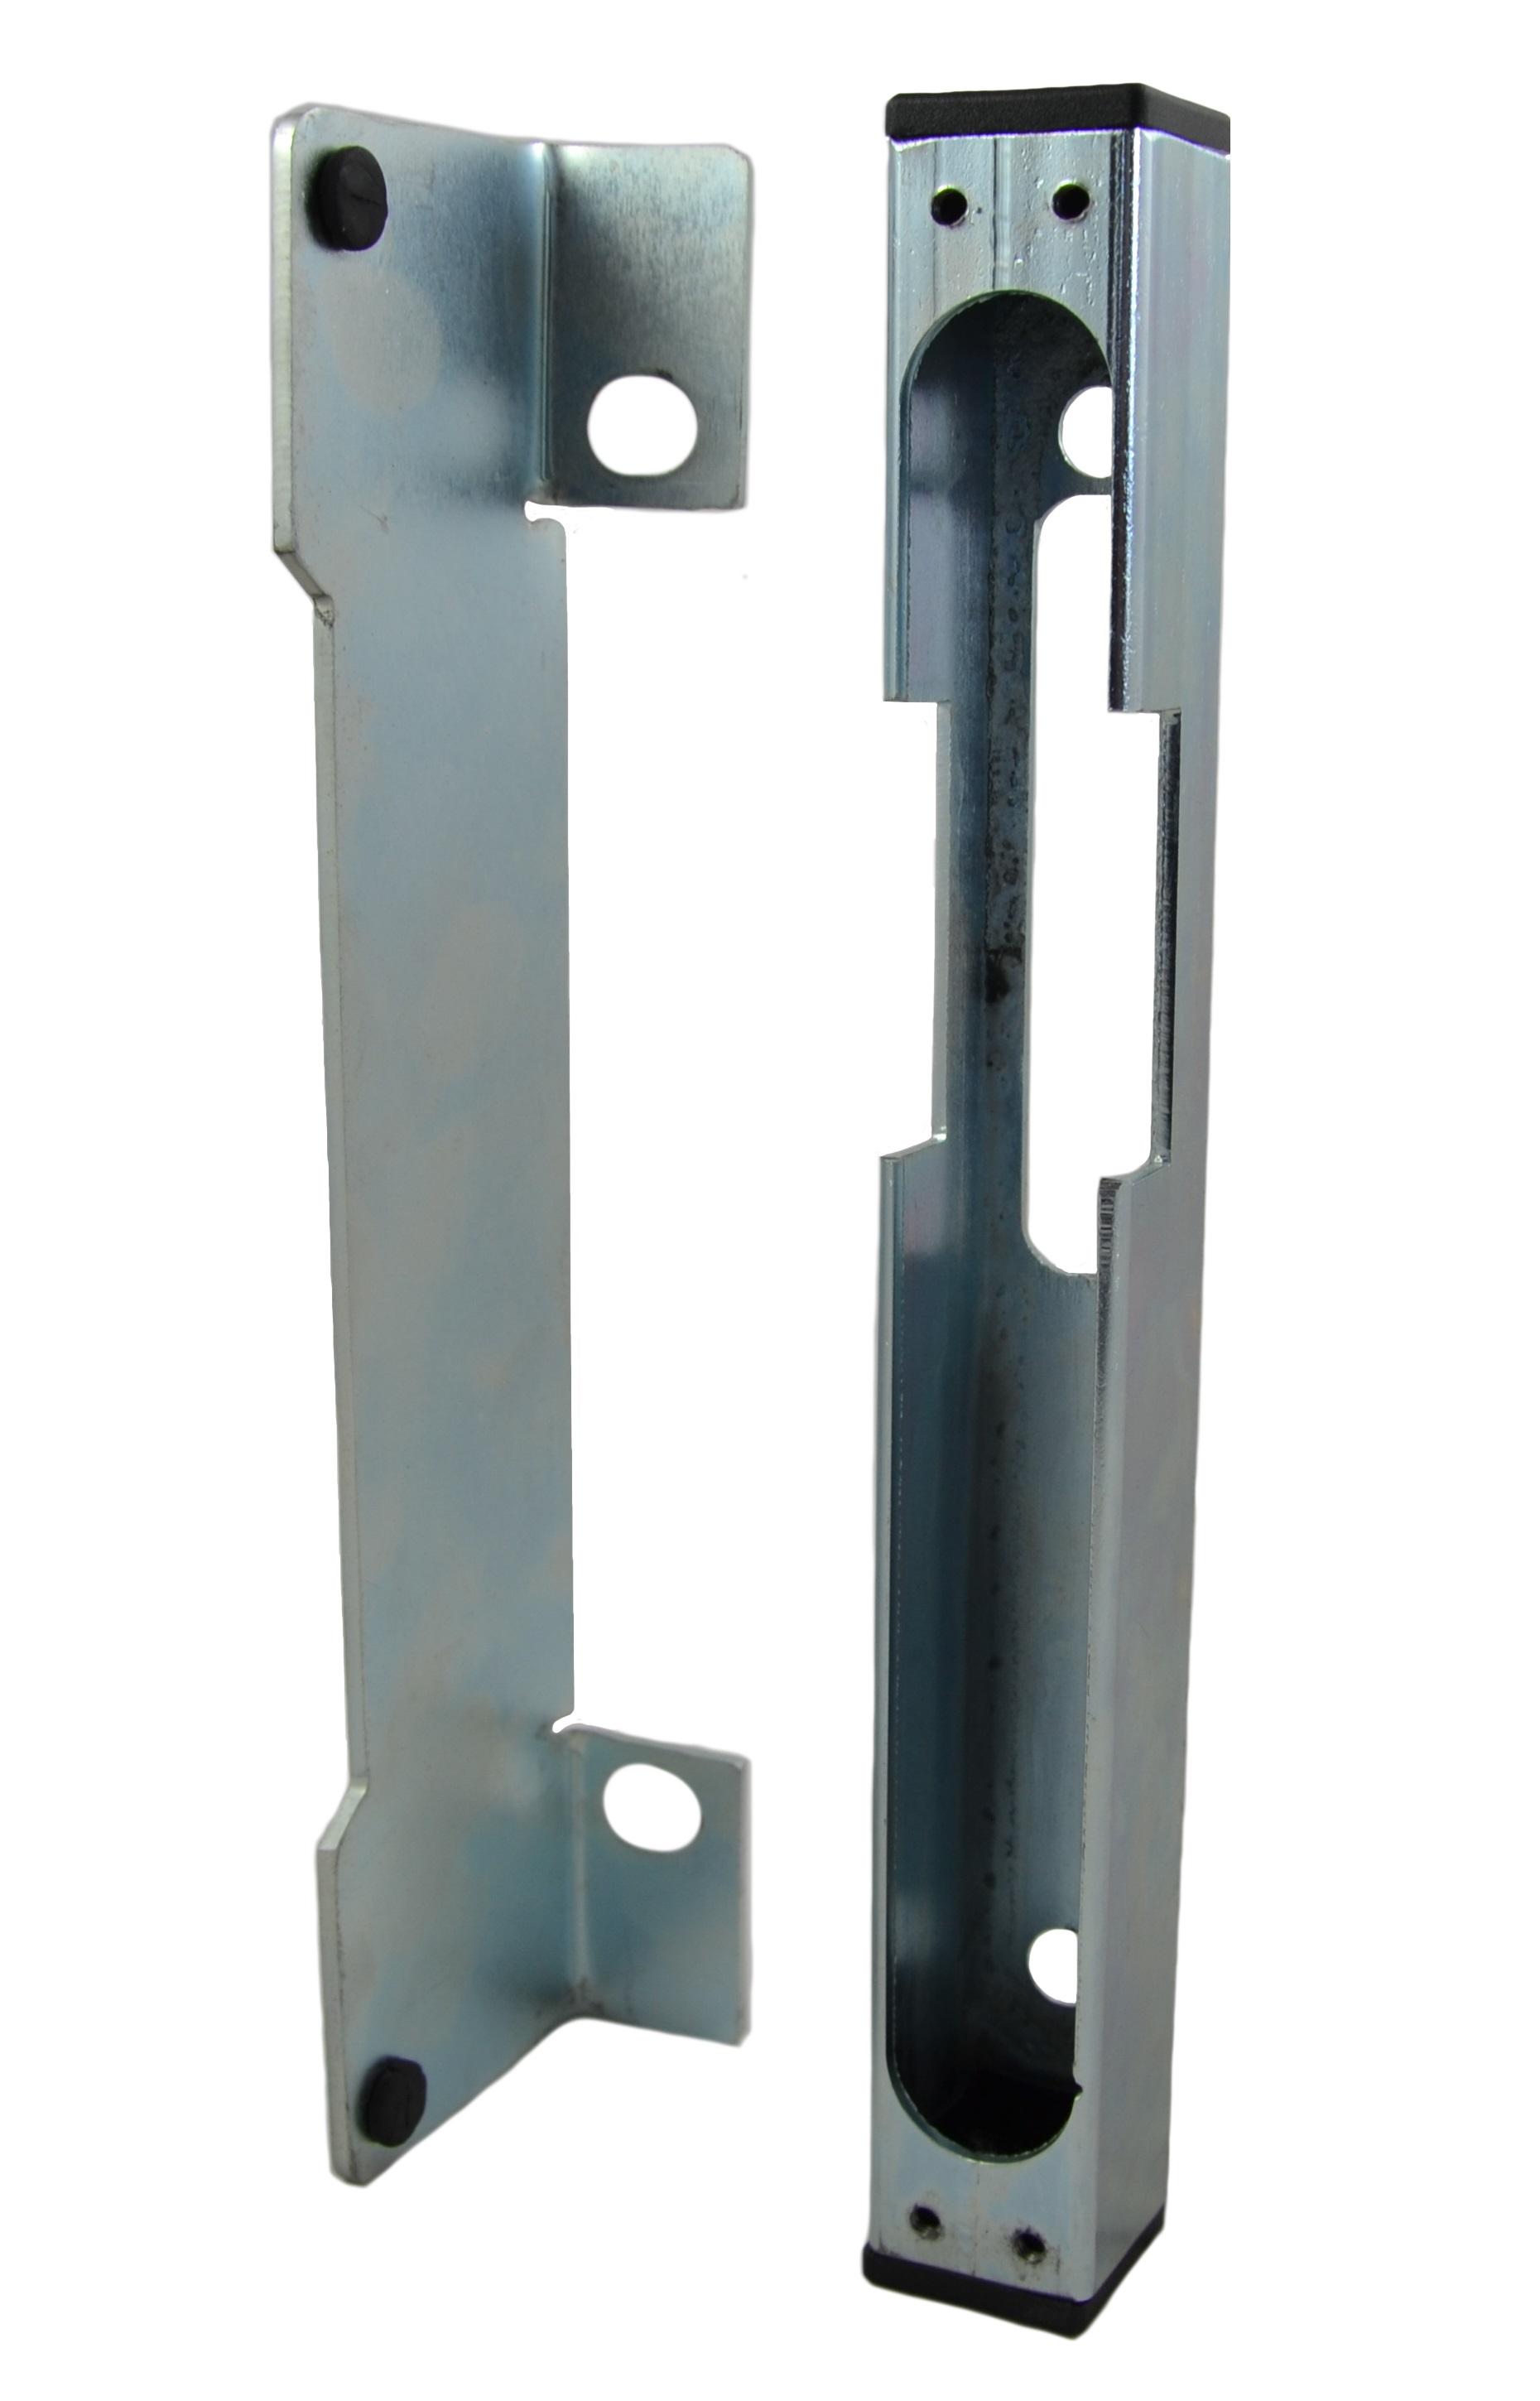 Celozinkovaný univerzální doraz branky 30x30x260mm pro elektrický zámek